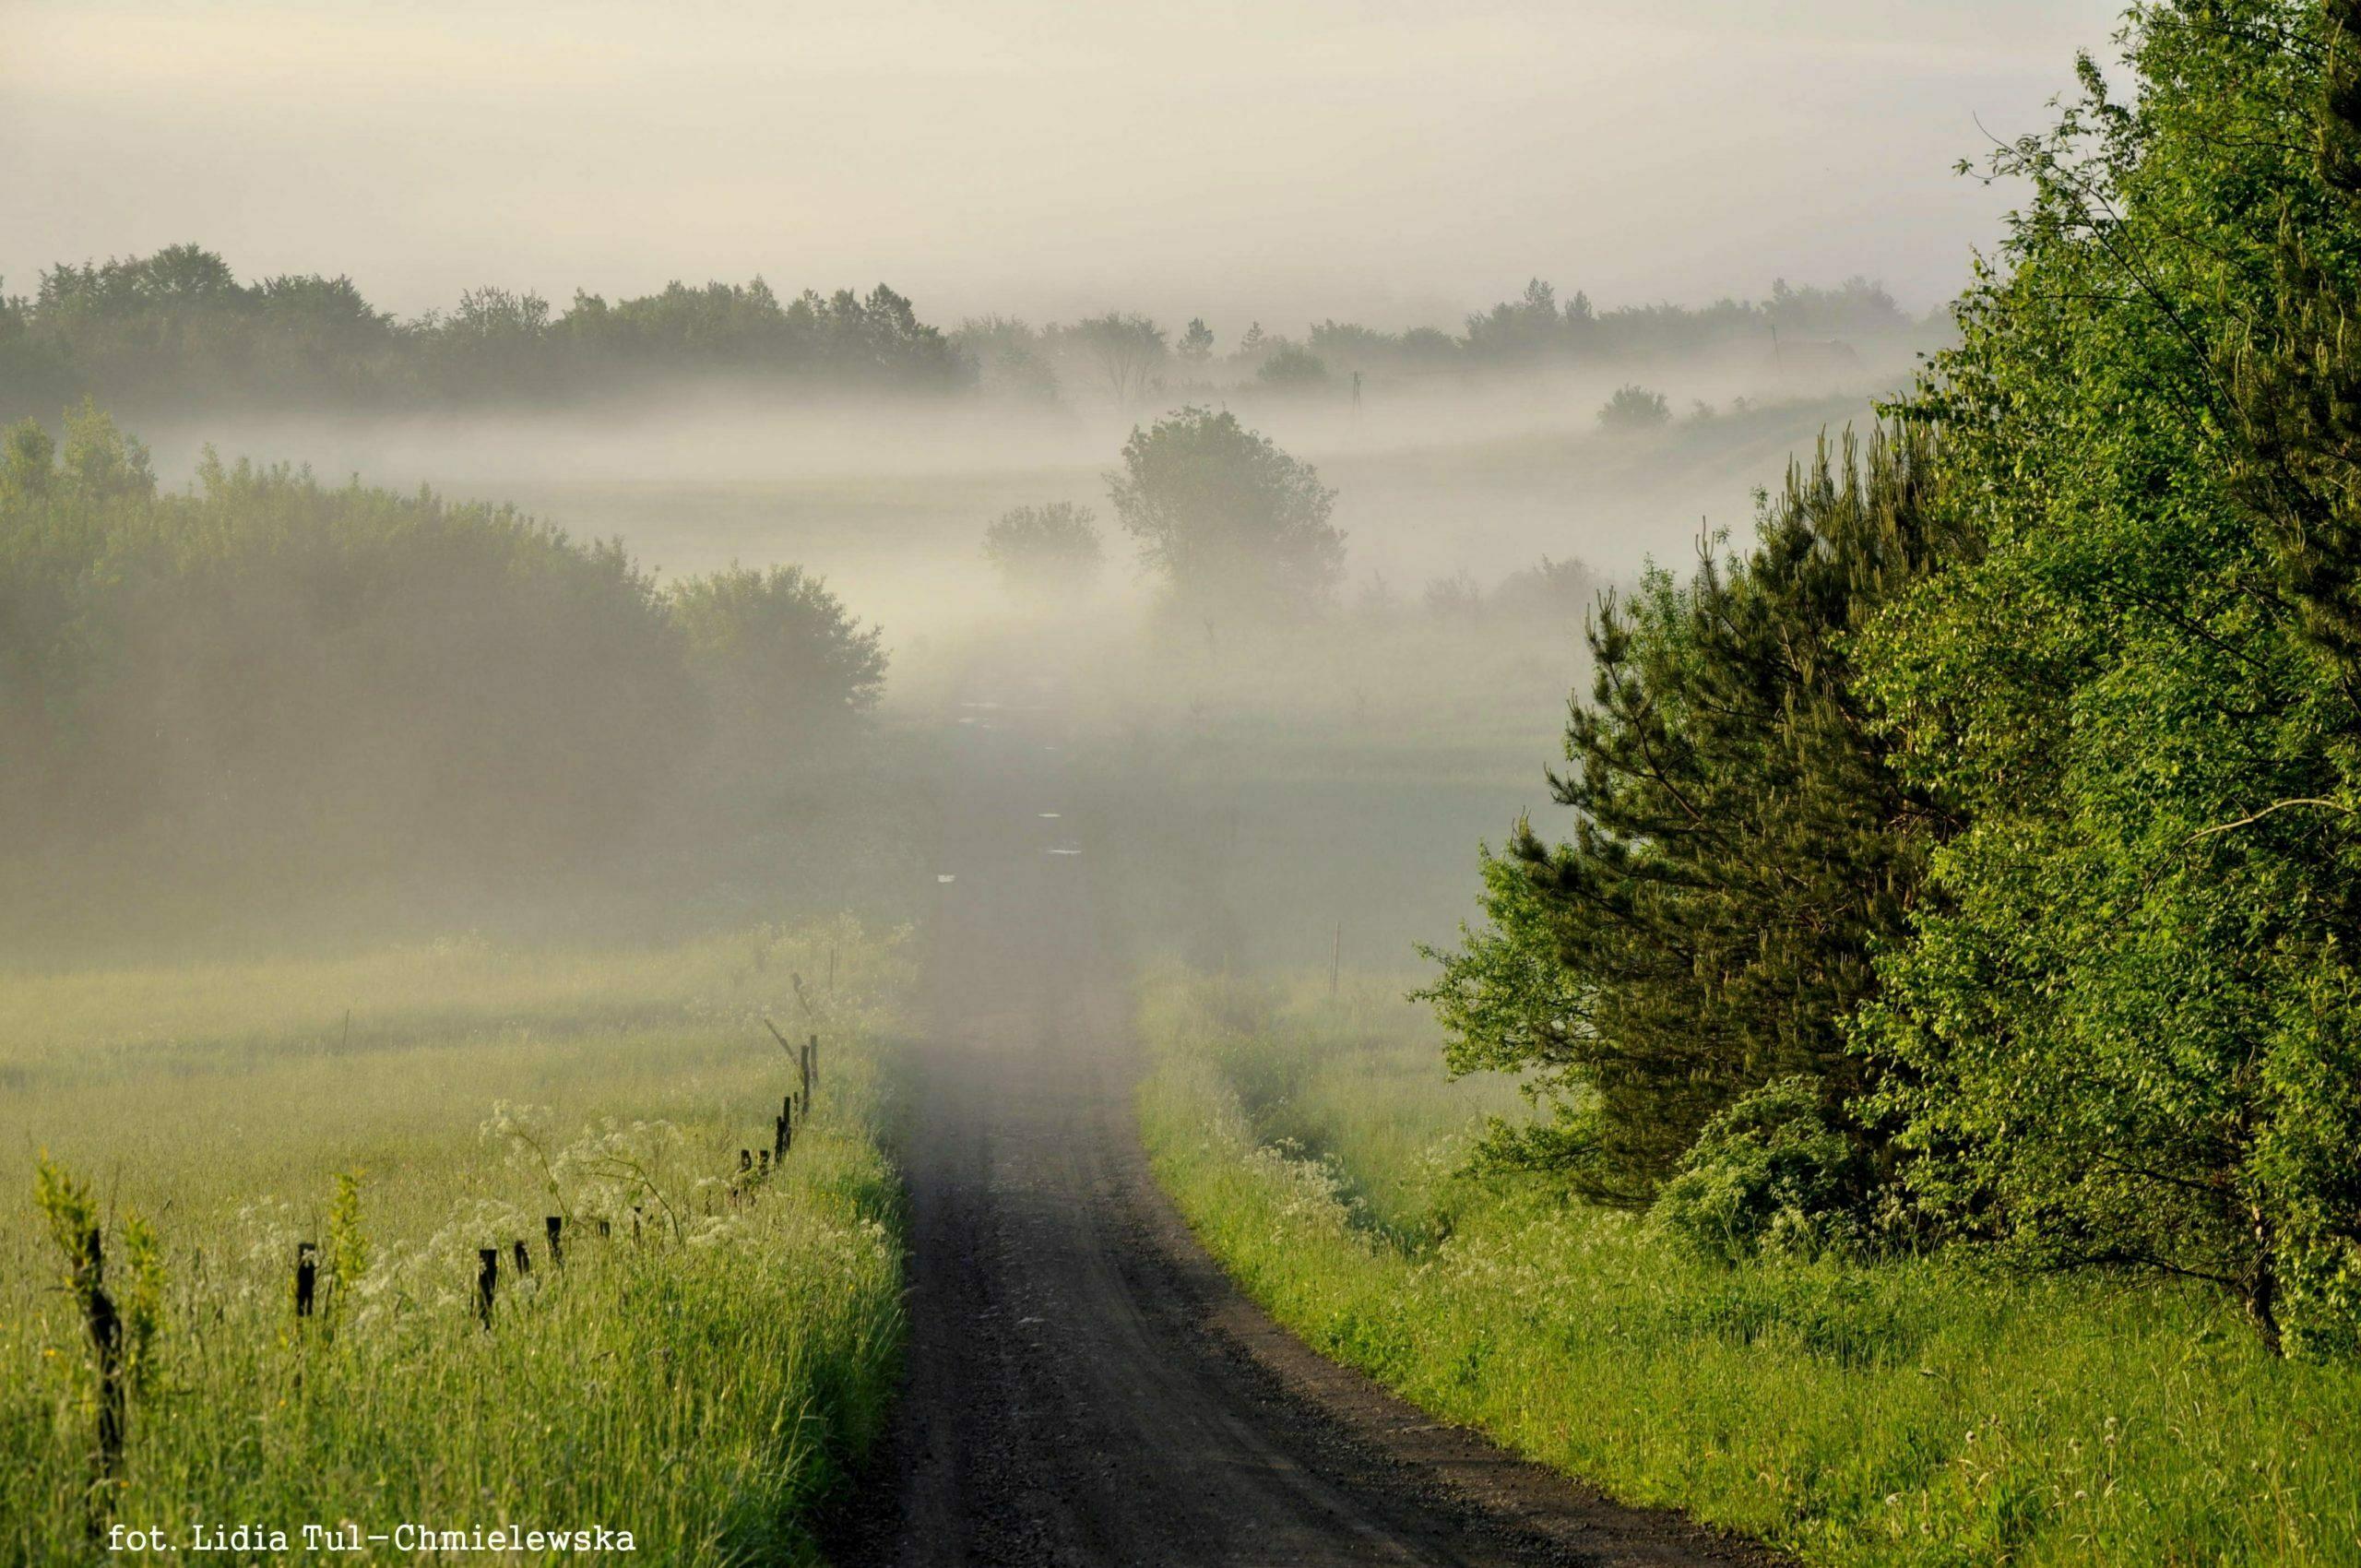 Droga wśród mgieł/fot. Lidia Tul-Chmielewska